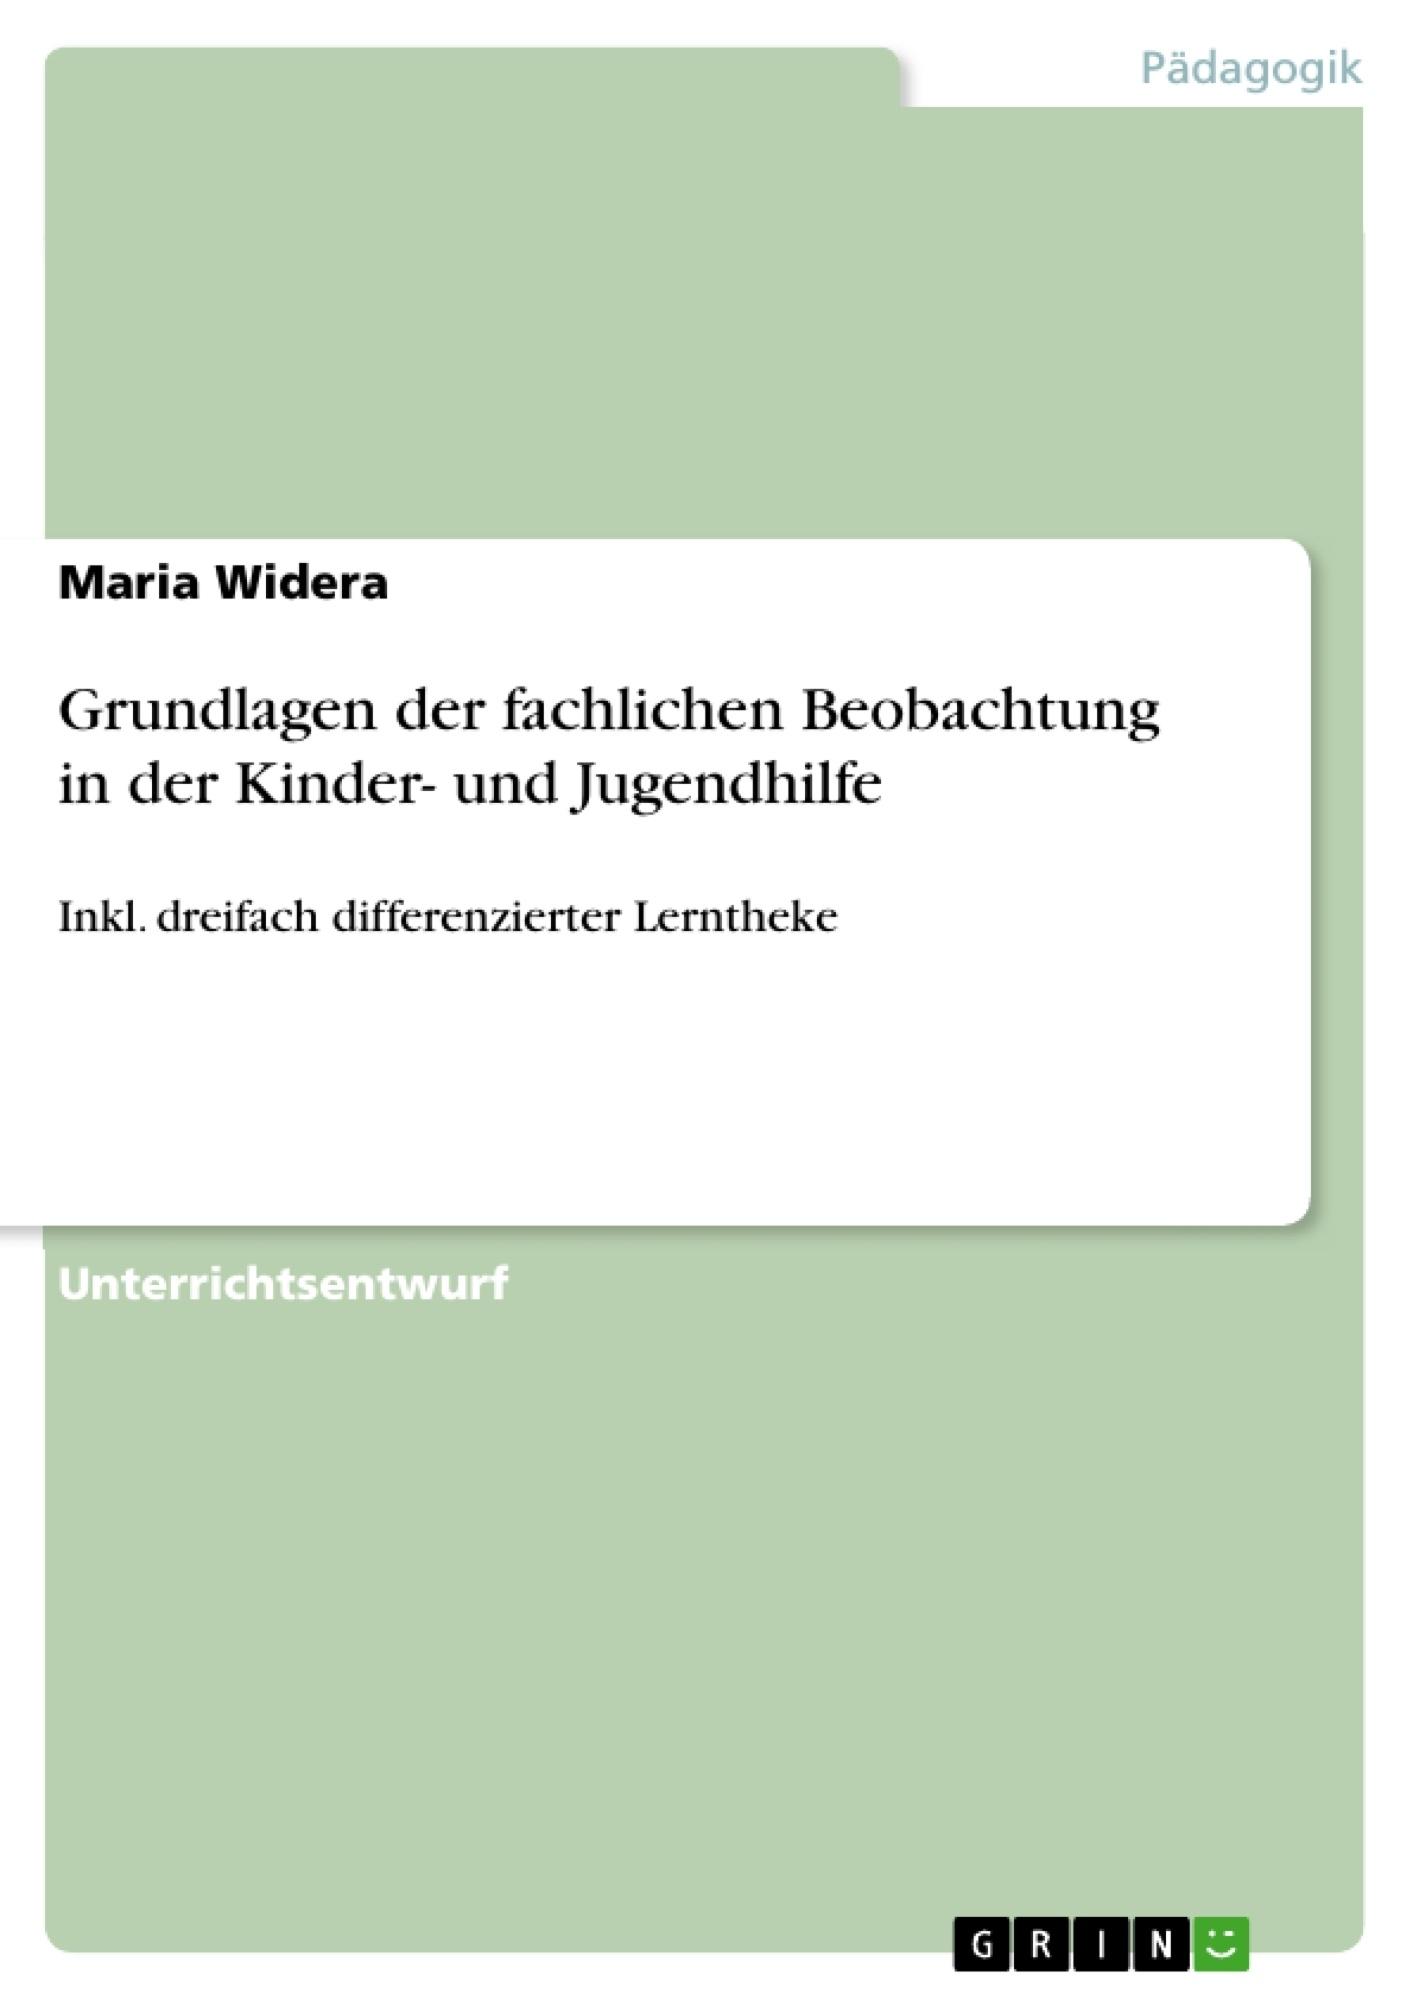 Titel: Grundlagen der fachlichen Beobachtung in der Kinder- und Jugendhilfe